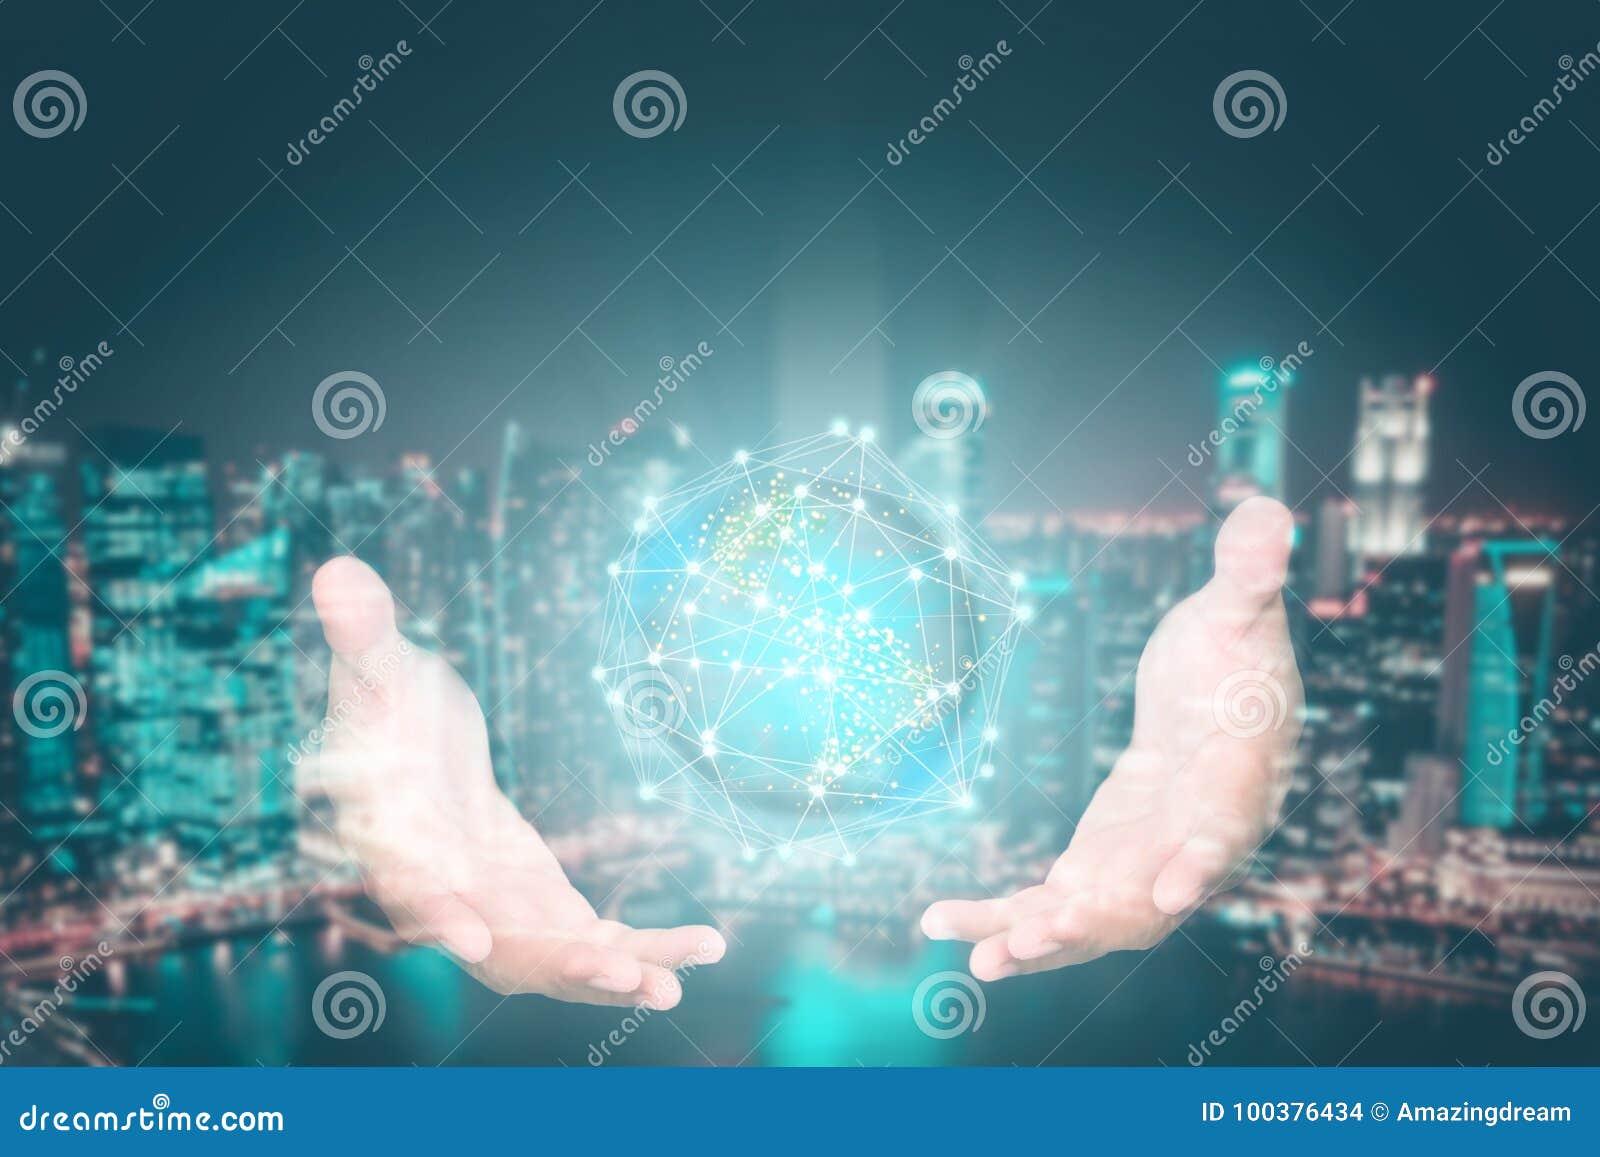 Fond abstrait de technologie, innovateur créatifs, idée et concept de pensée futuriste